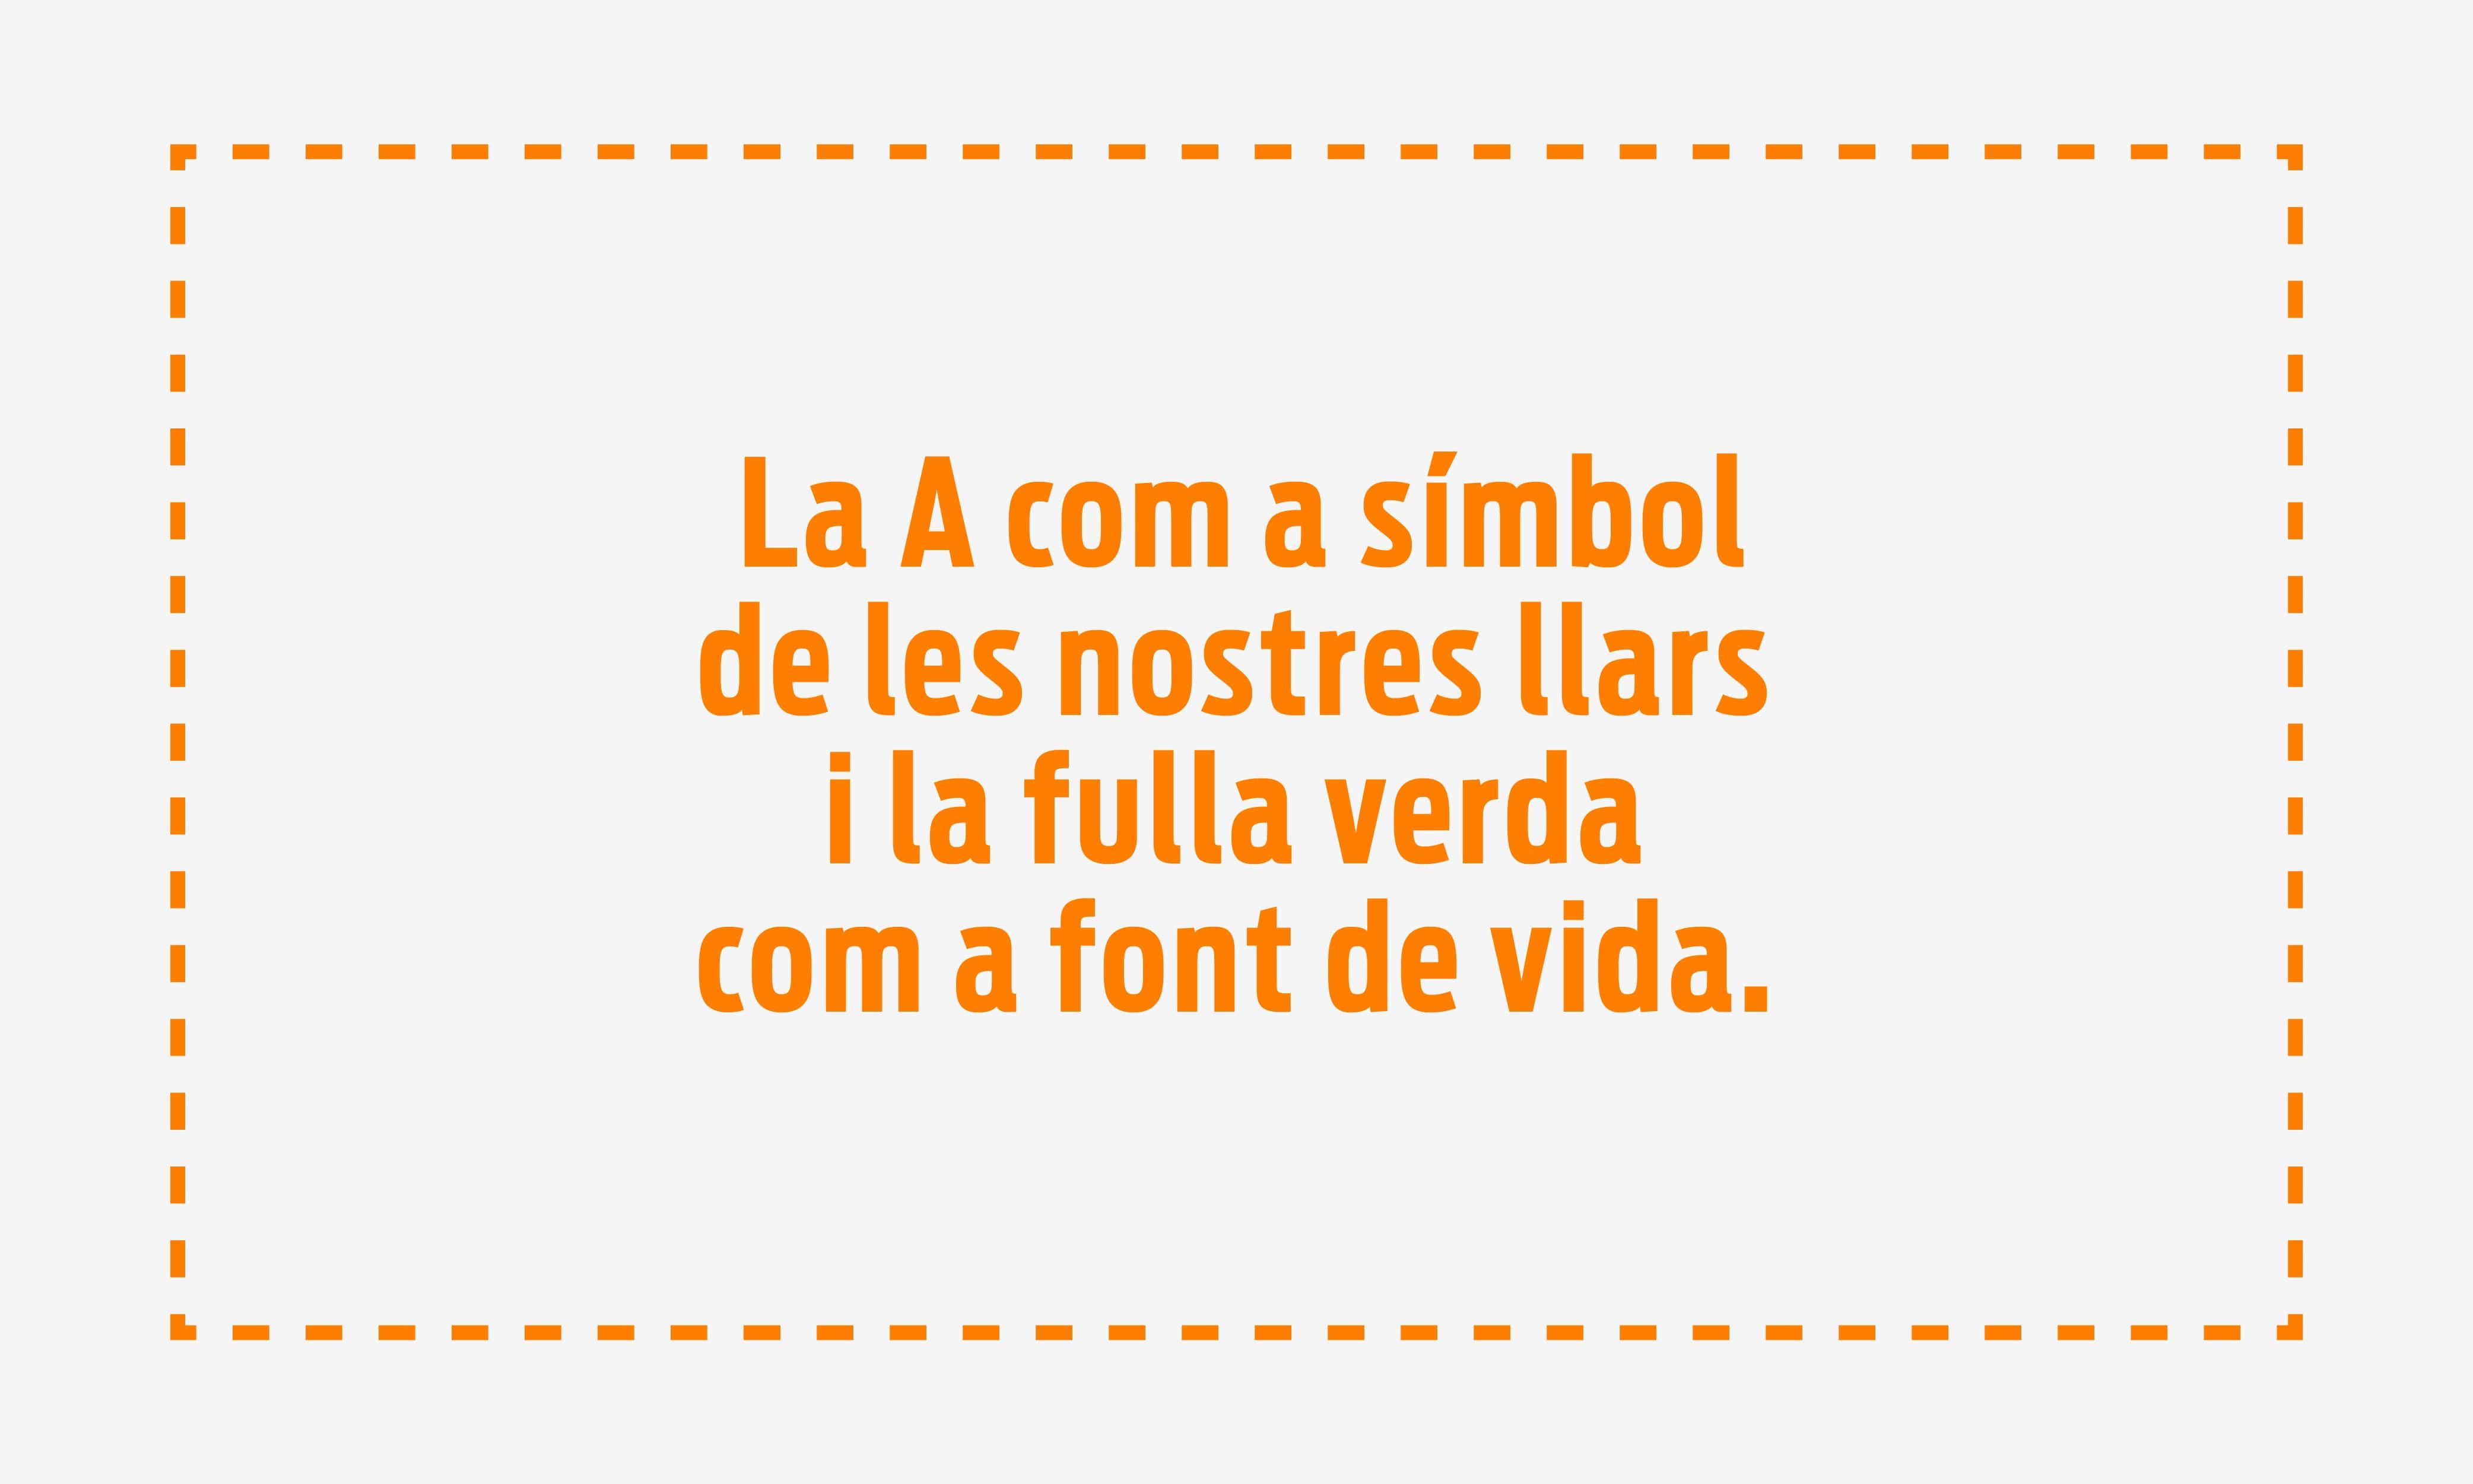 Visuales Caso Bonarea_Mesa de trabajo 1 copia 8